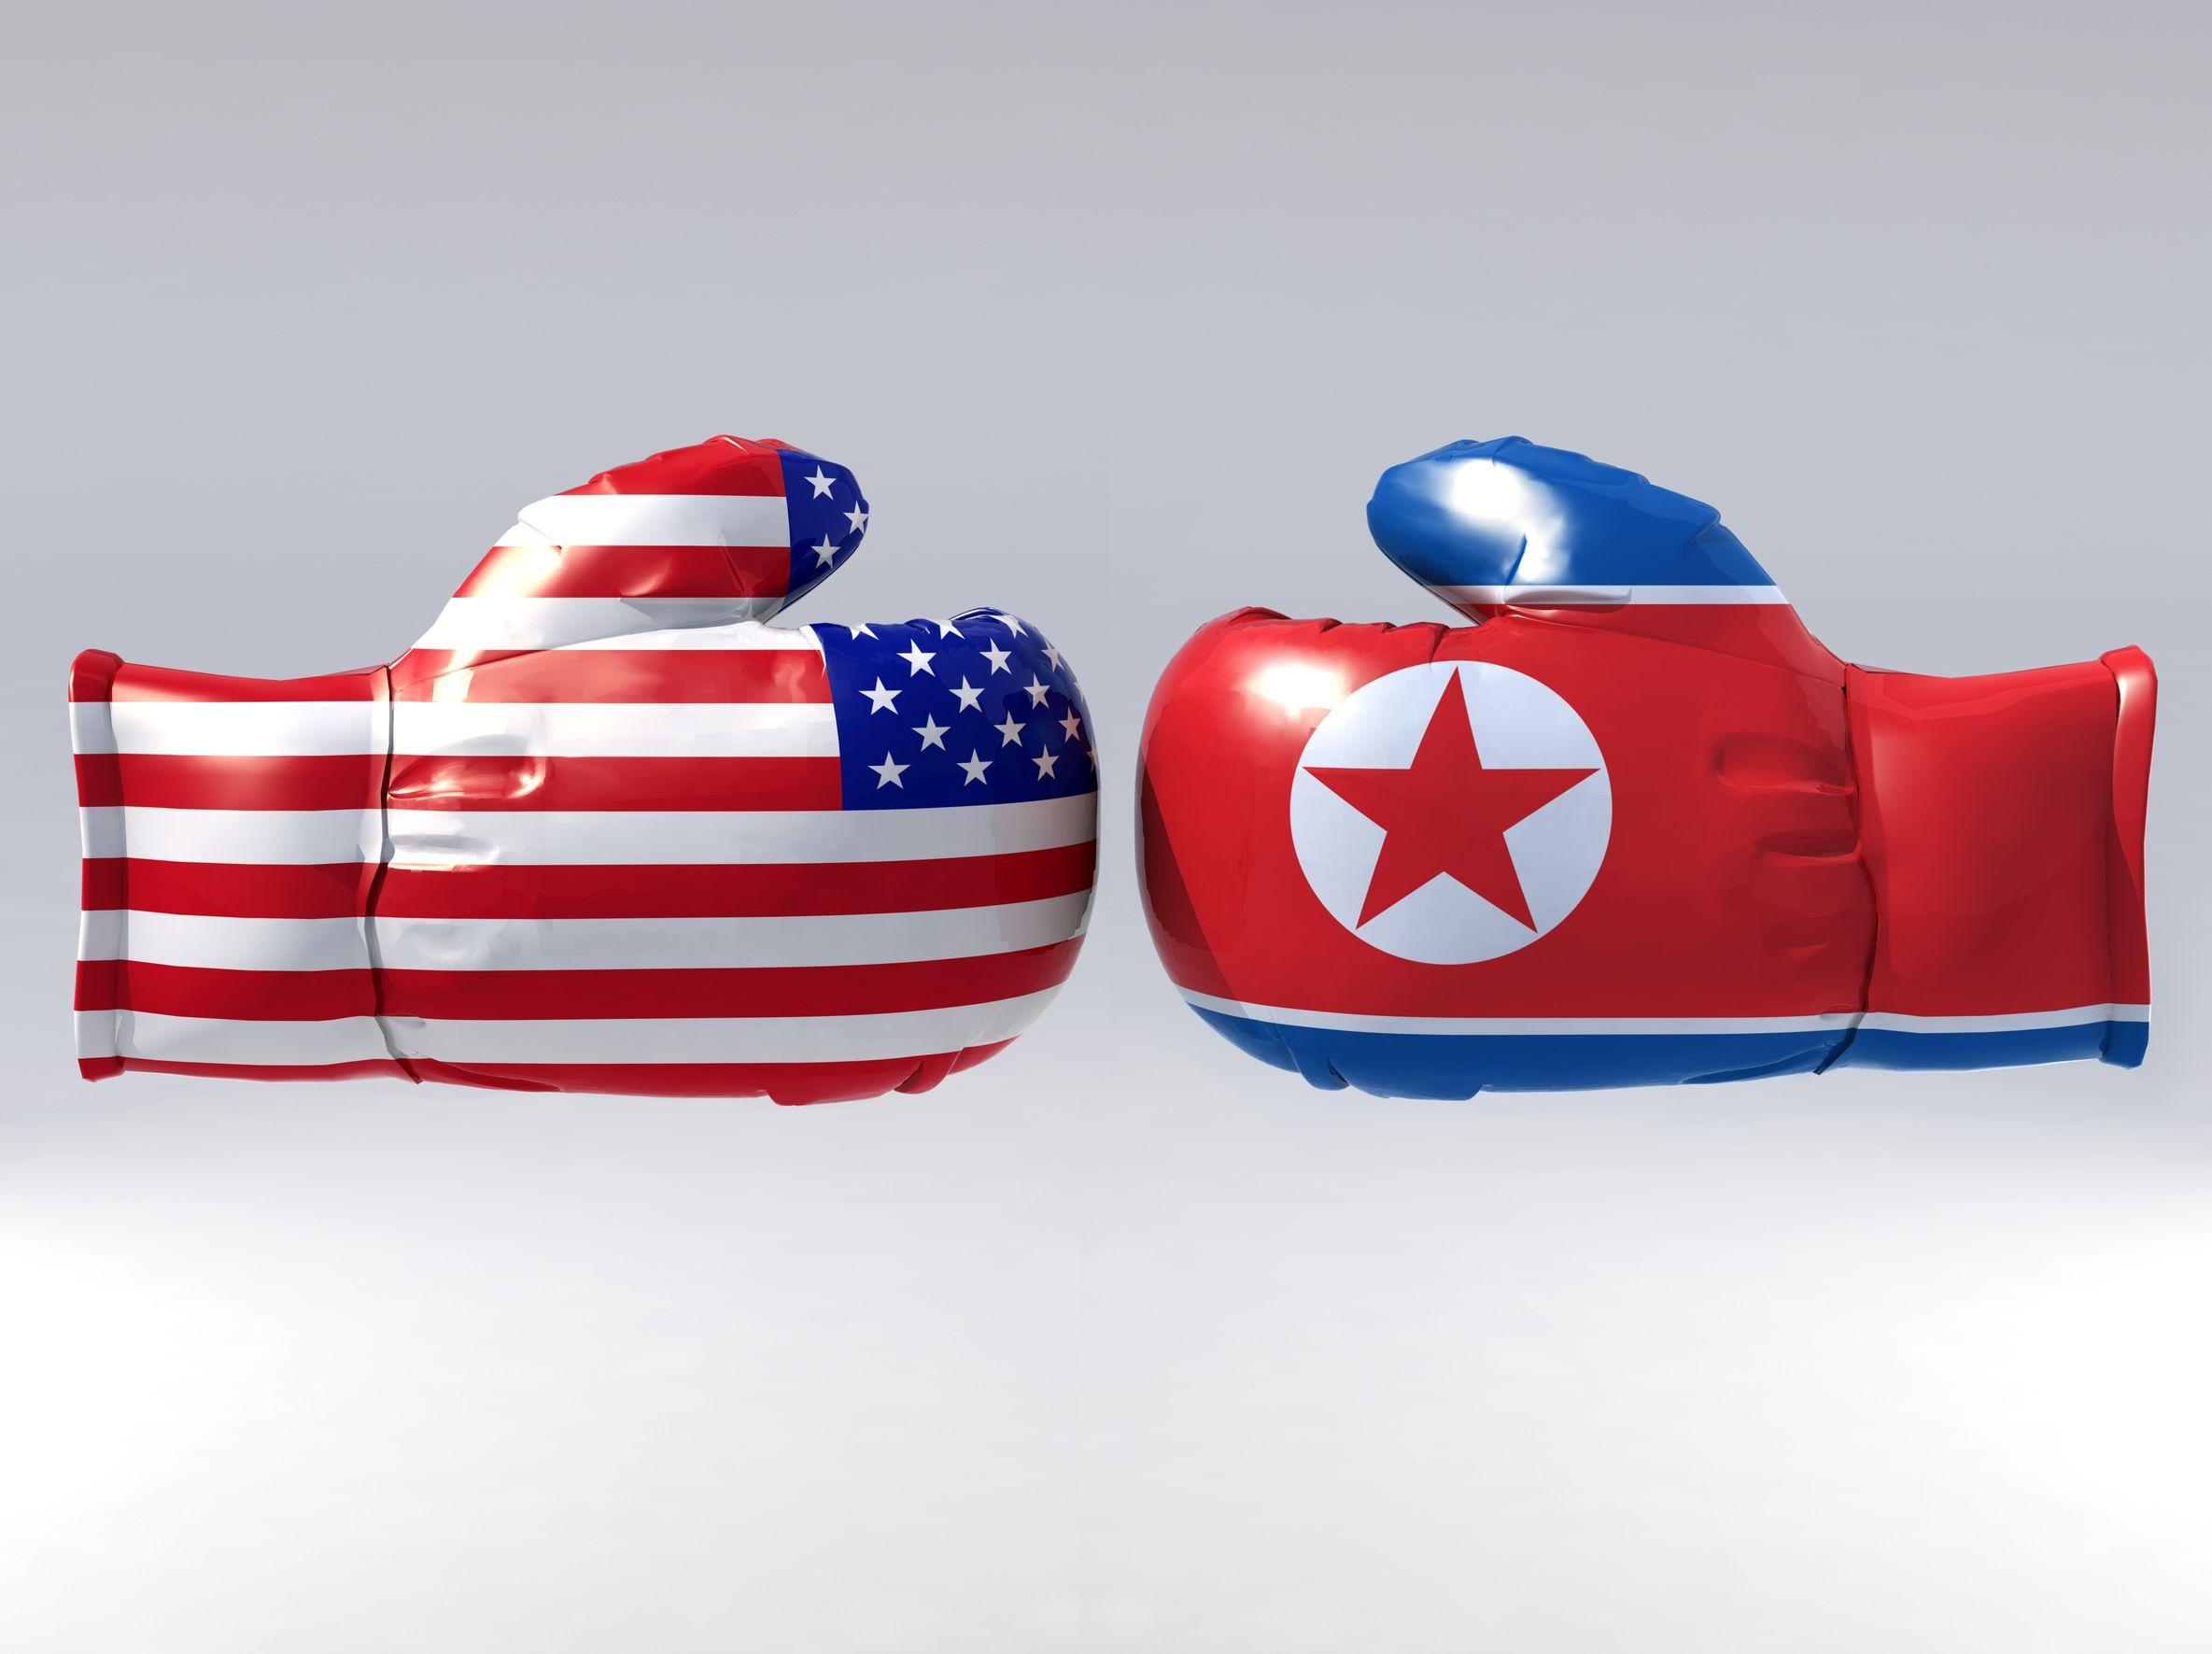 Camera Reprezentanţilor din SUA adoptă noi sancţiuni împotriva Coreei de Nord: Conturile din State ale firmelor cu angajaţi nord-coreeni pot fi îngheţate